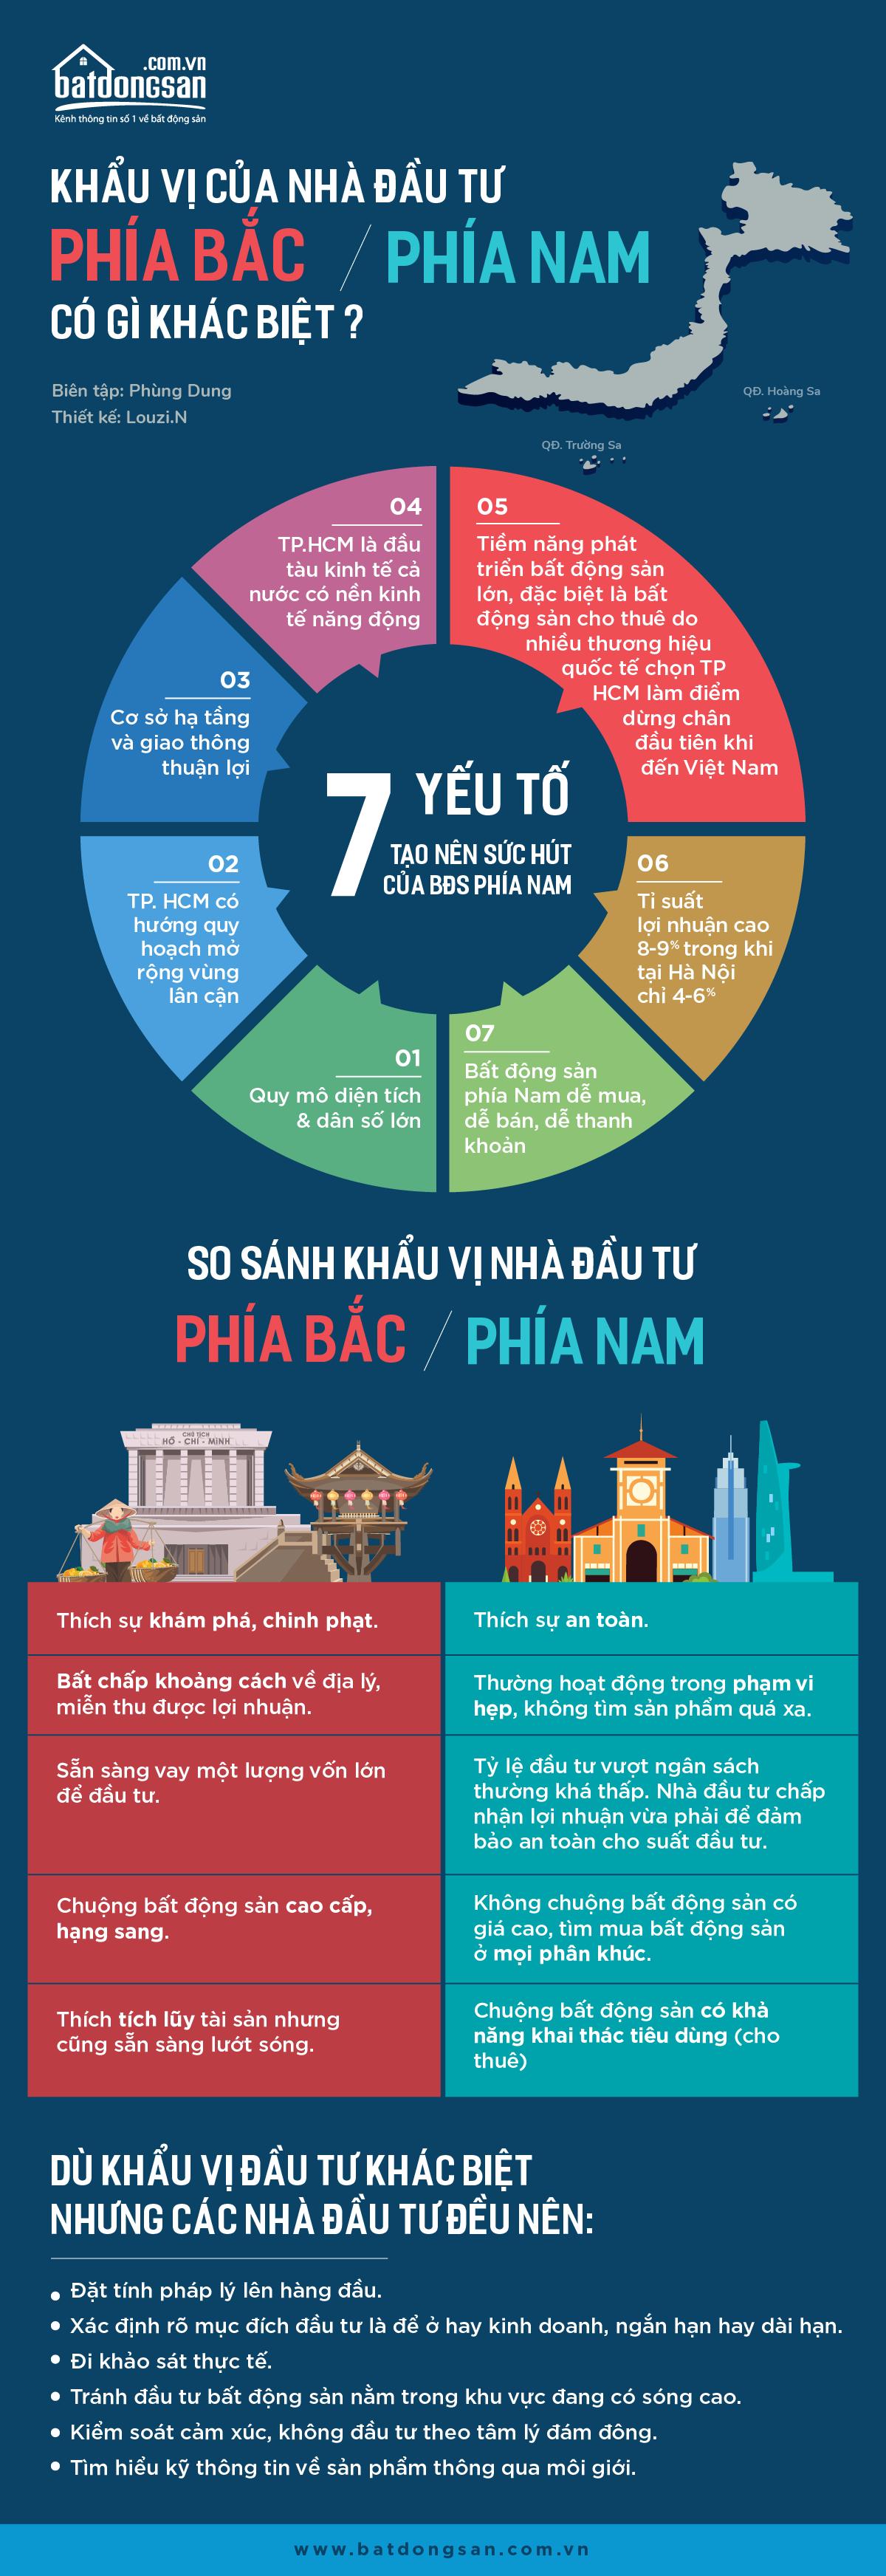 Infographic về khẩu vị của nhà đầu tư bất động sản phía Bắc và phía Nam